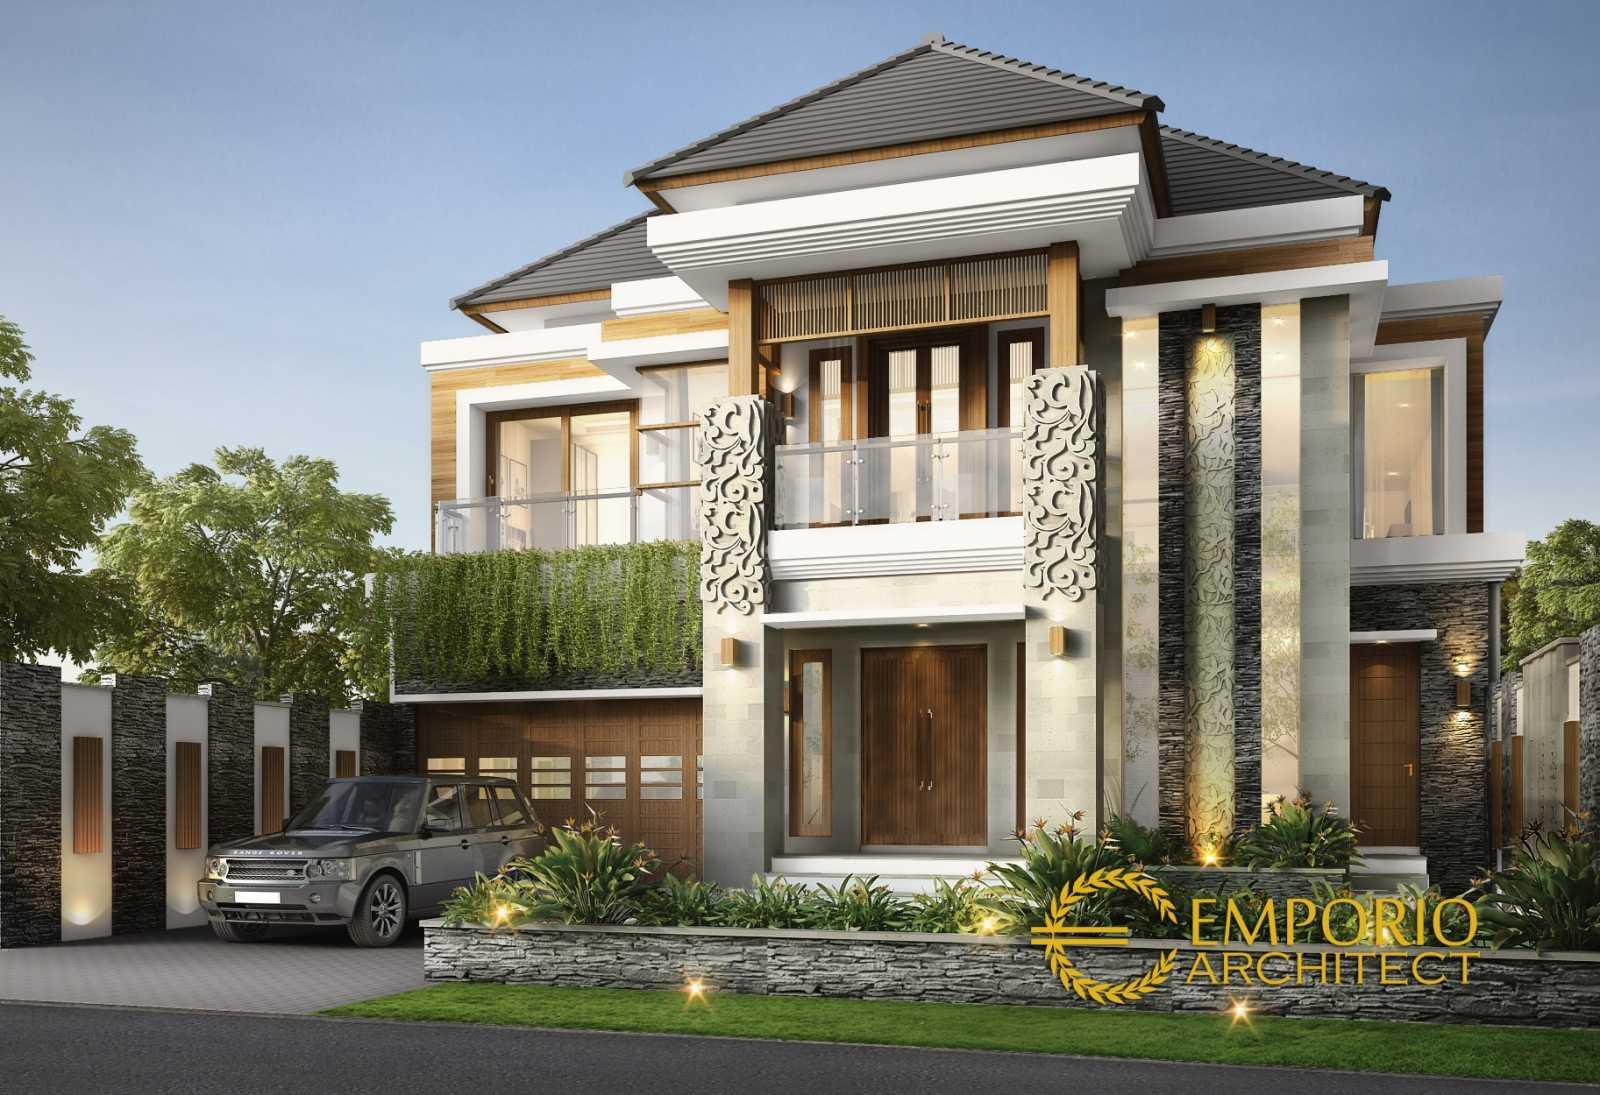 84+ Gambar Rumah Bali Bandung Gratis Terbaru